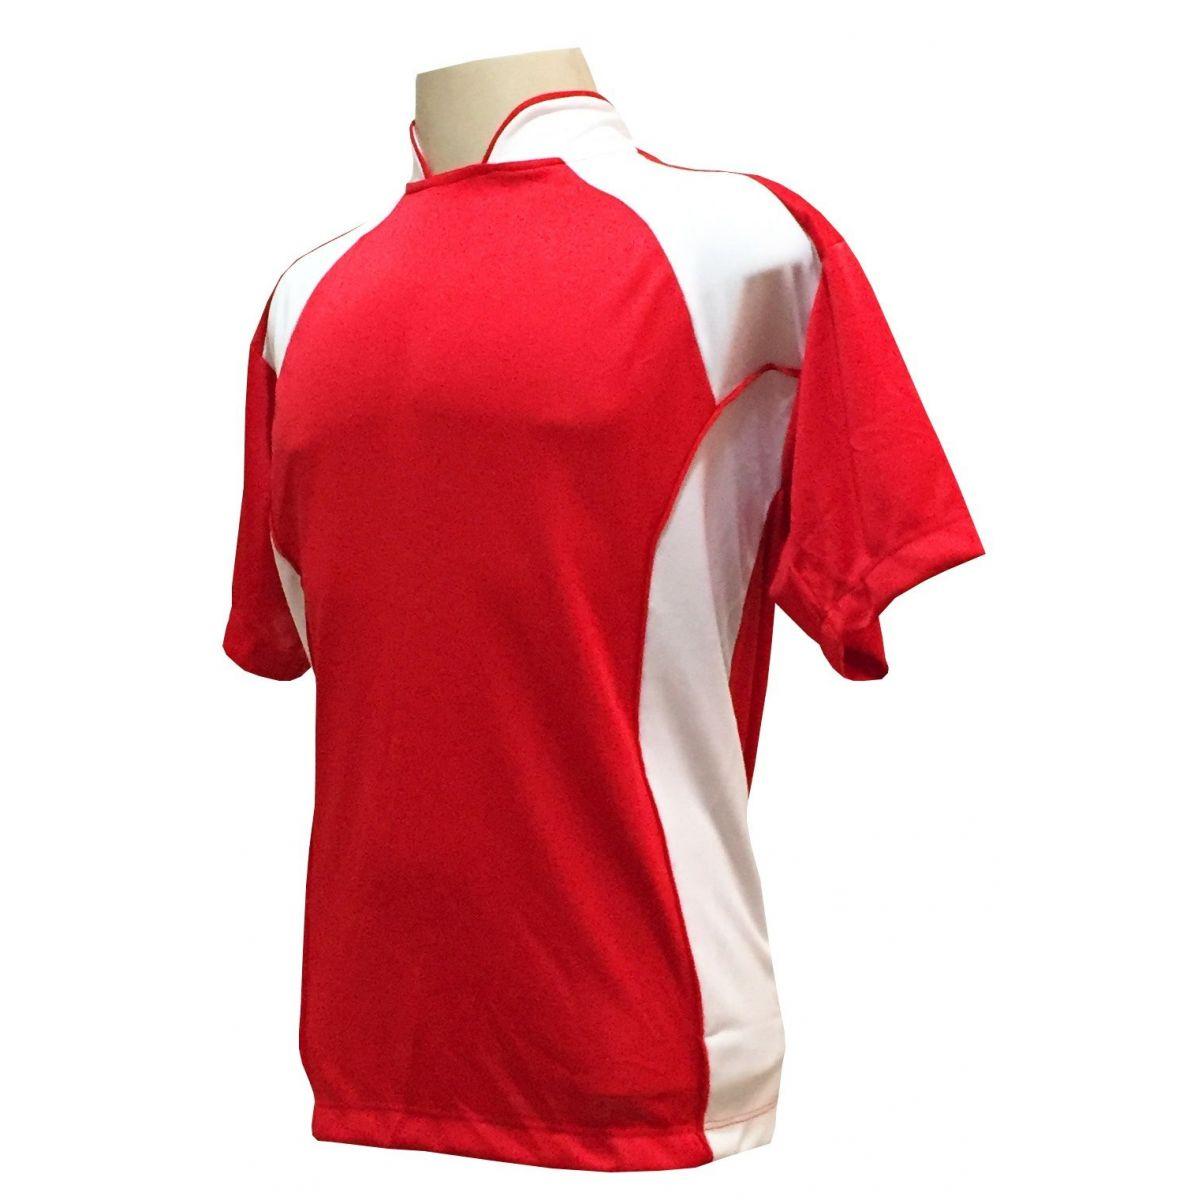 Uniforme Esportivo Completo modelo Suécia 14+1 (14 camisas Vermelho/Branco + 14 calções Madrid Branco + 14 pares de meiões Vermelhos + 1 conjunto de goleiro) + Brindes